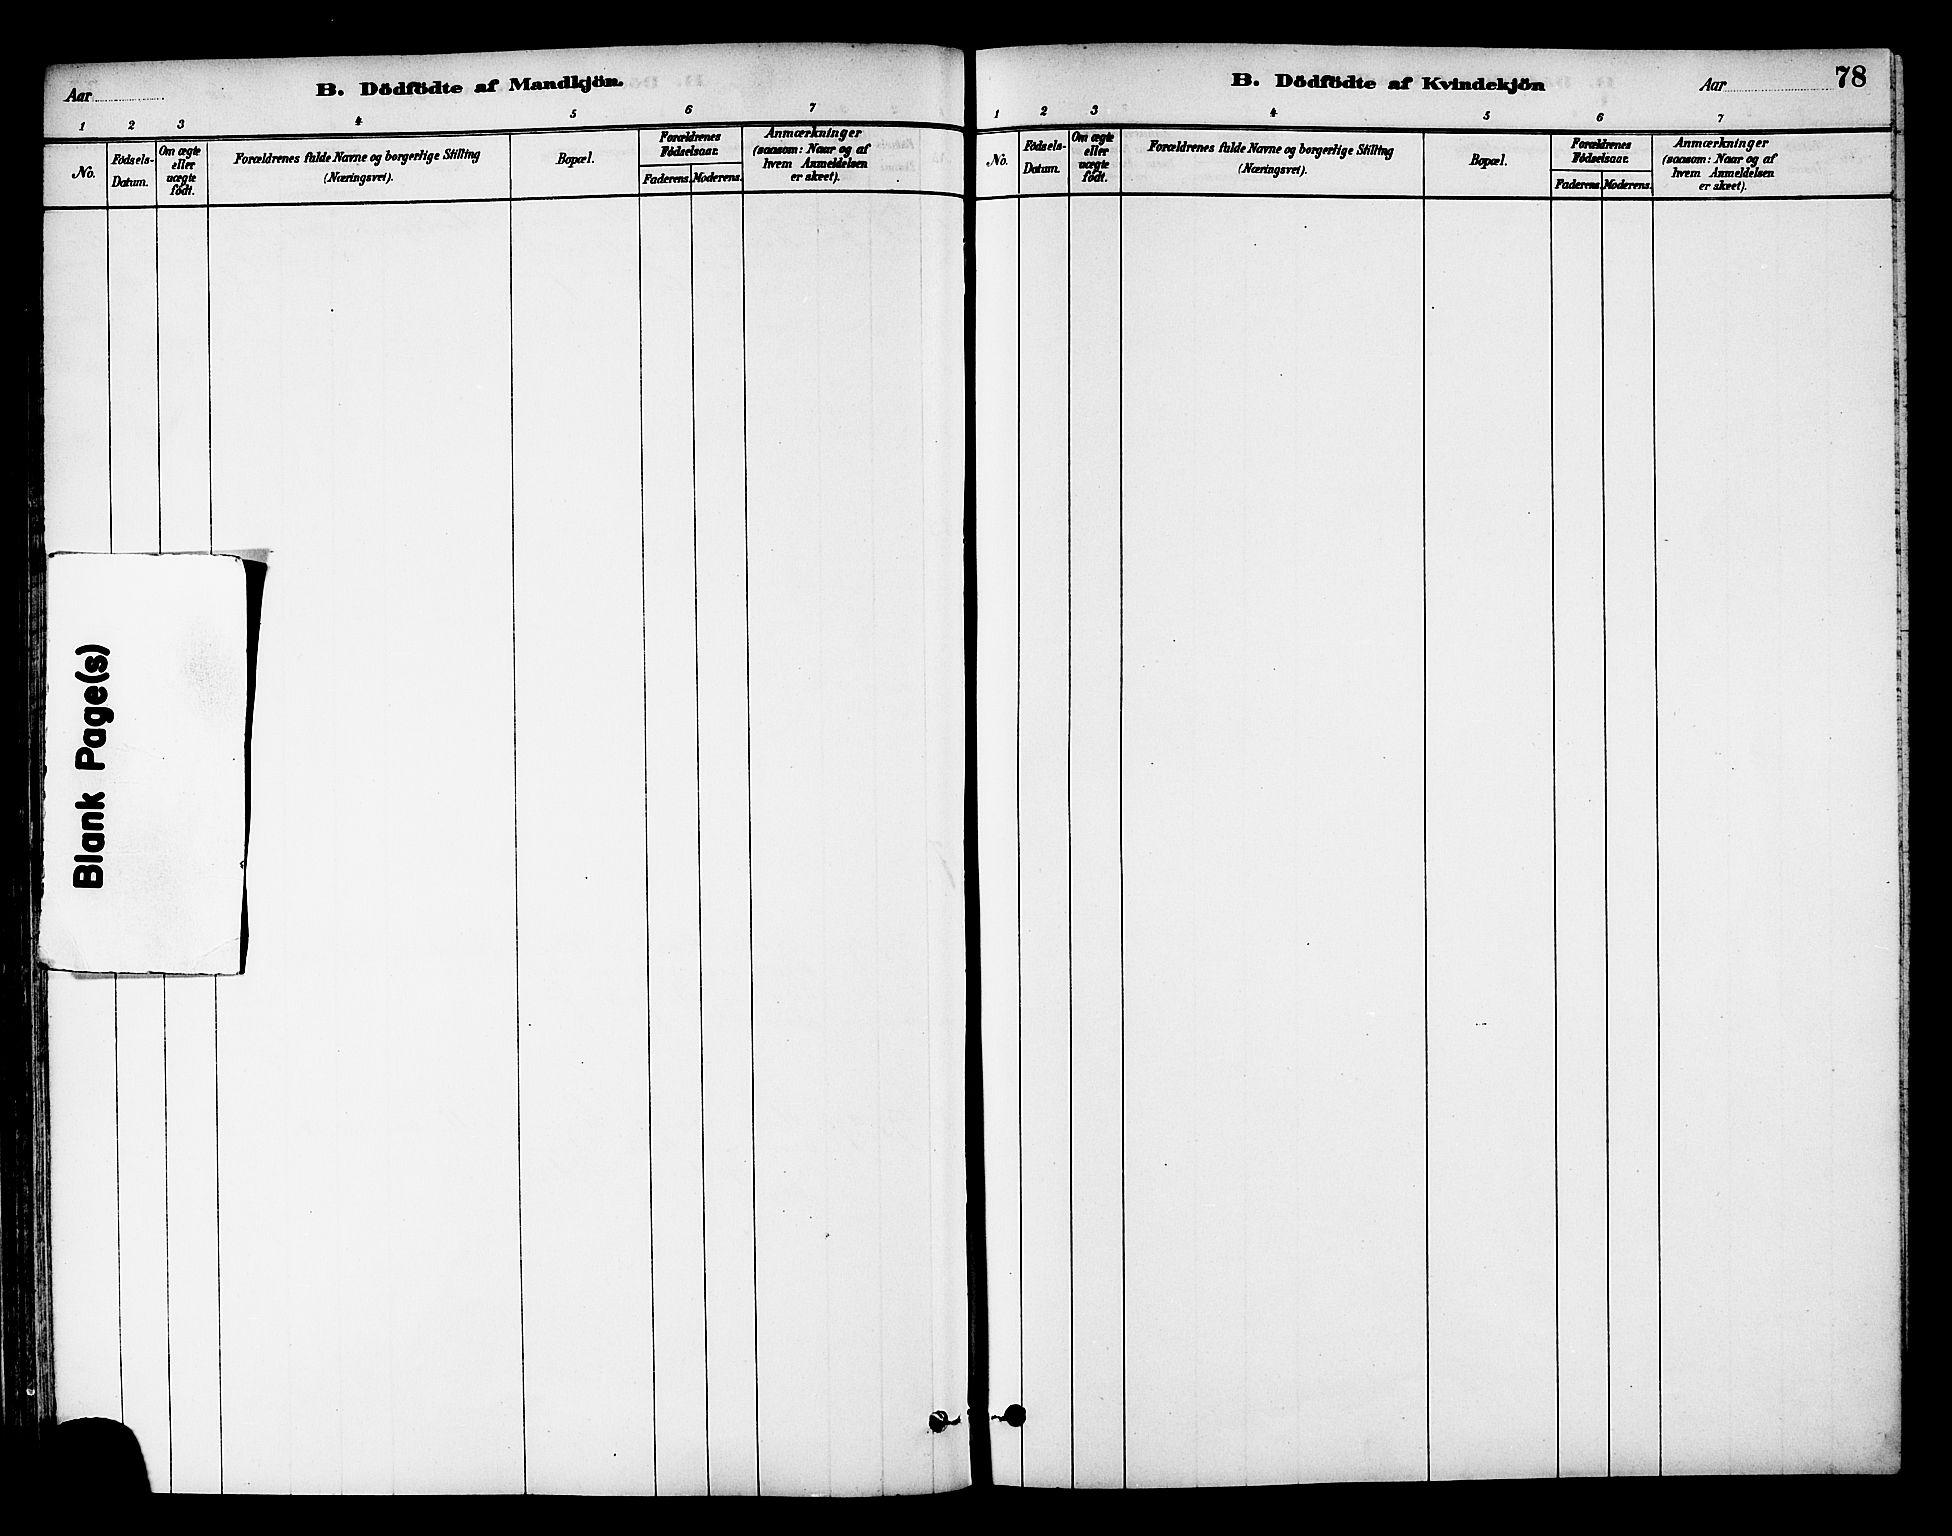 SAT, Ministerialprotokoller, klokkerbøker og fødselsregistre - Nord-Trøndelag, 784/L0672: Ministerialbok nr. 784A07, 1880-1887, s. 78